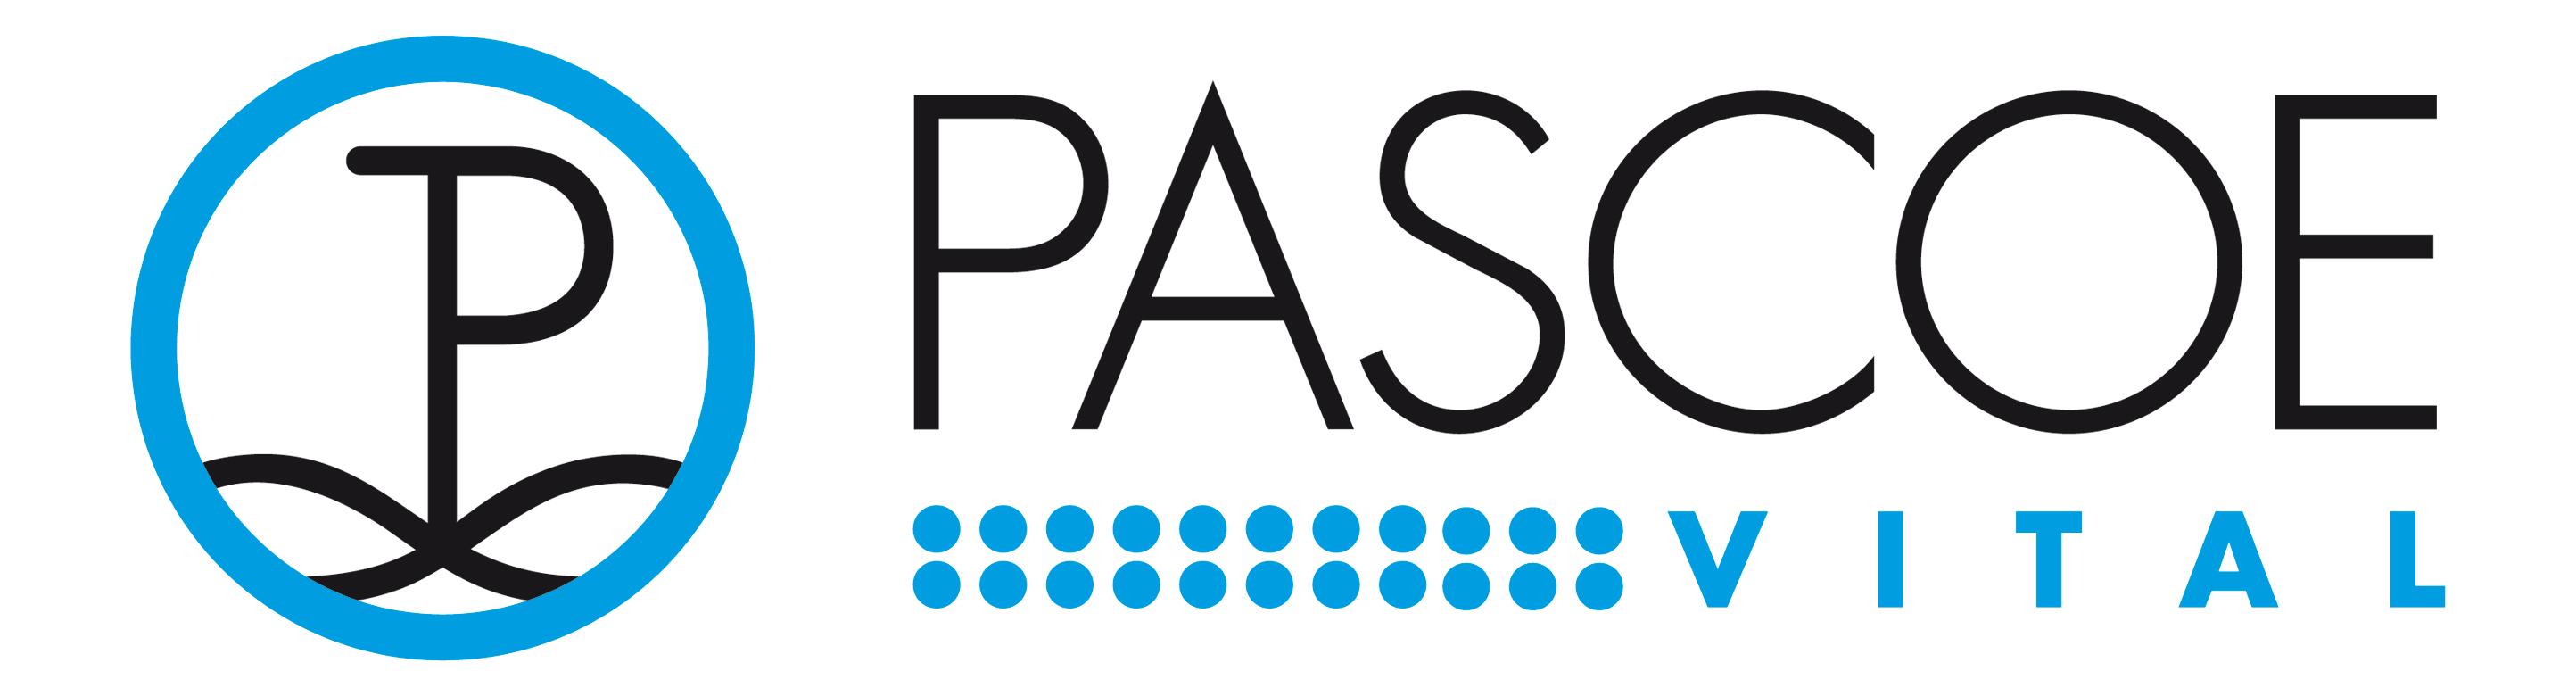 成立膳食补充剂和维生素子公司PASCOE VITAL。